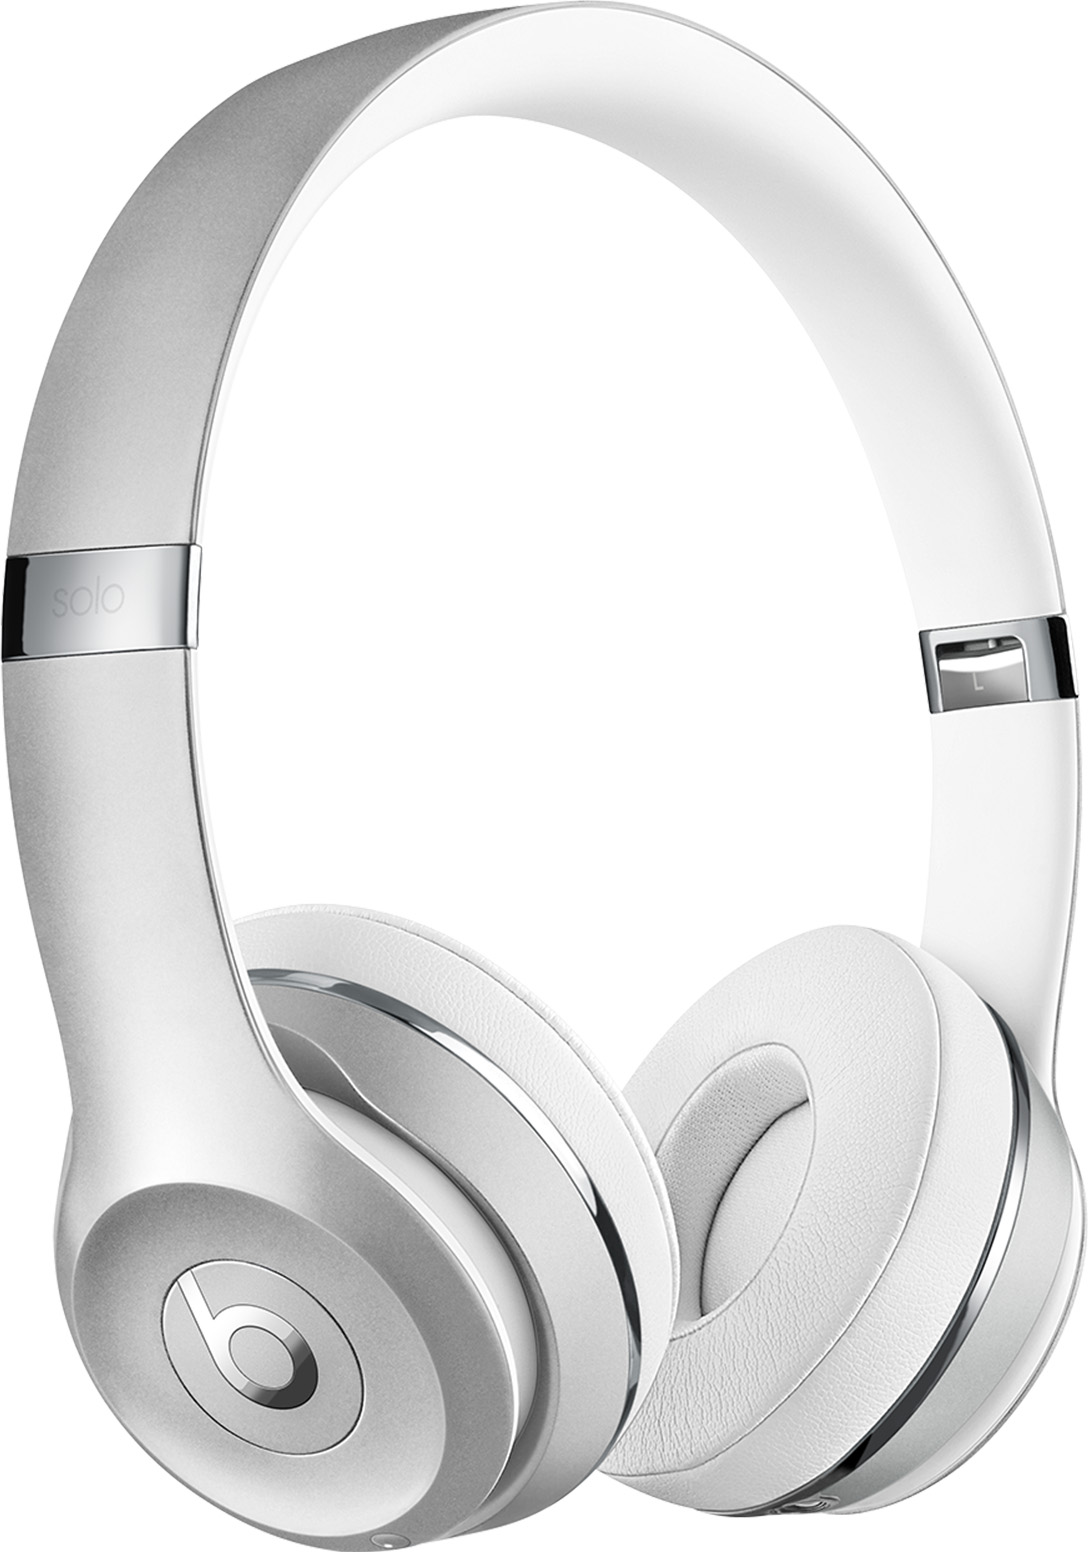 Beats Solo3 Wireless On-Ear Headphones (Silver) Deal